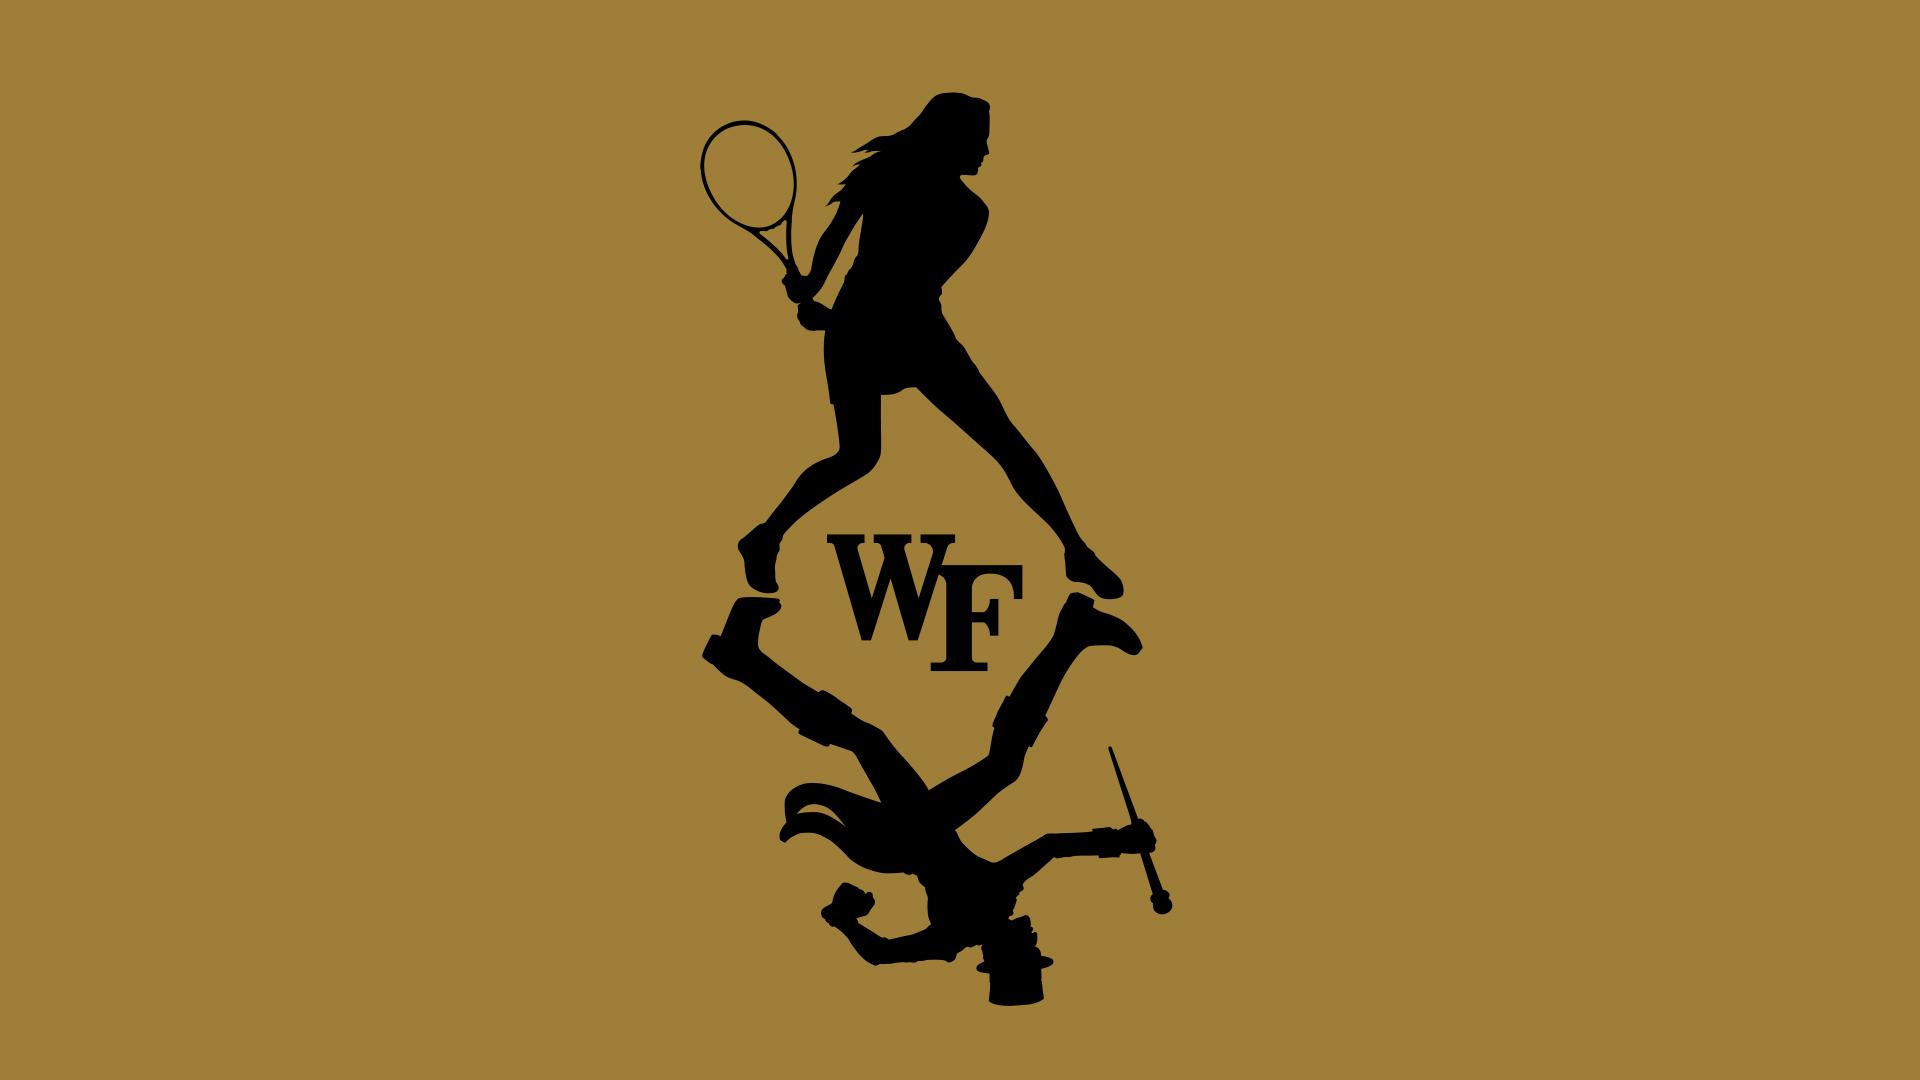 Women's Tennis wallpaper